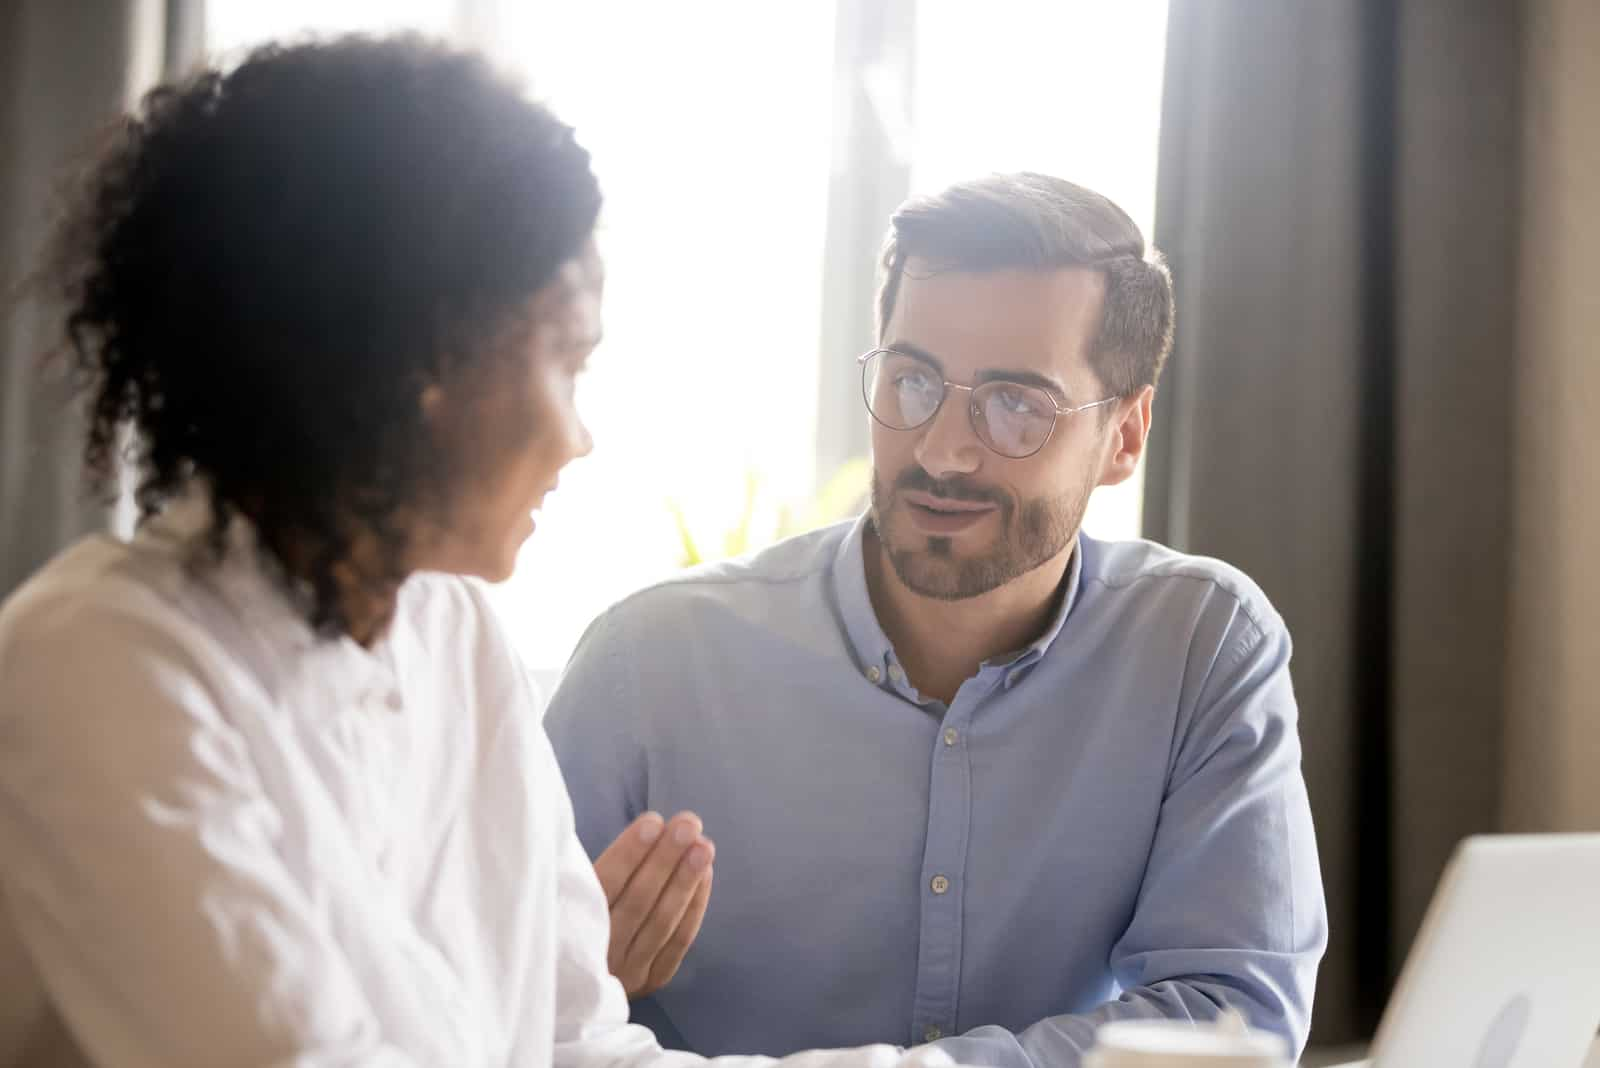 un homme et une femme sont assis à une table et se disputent